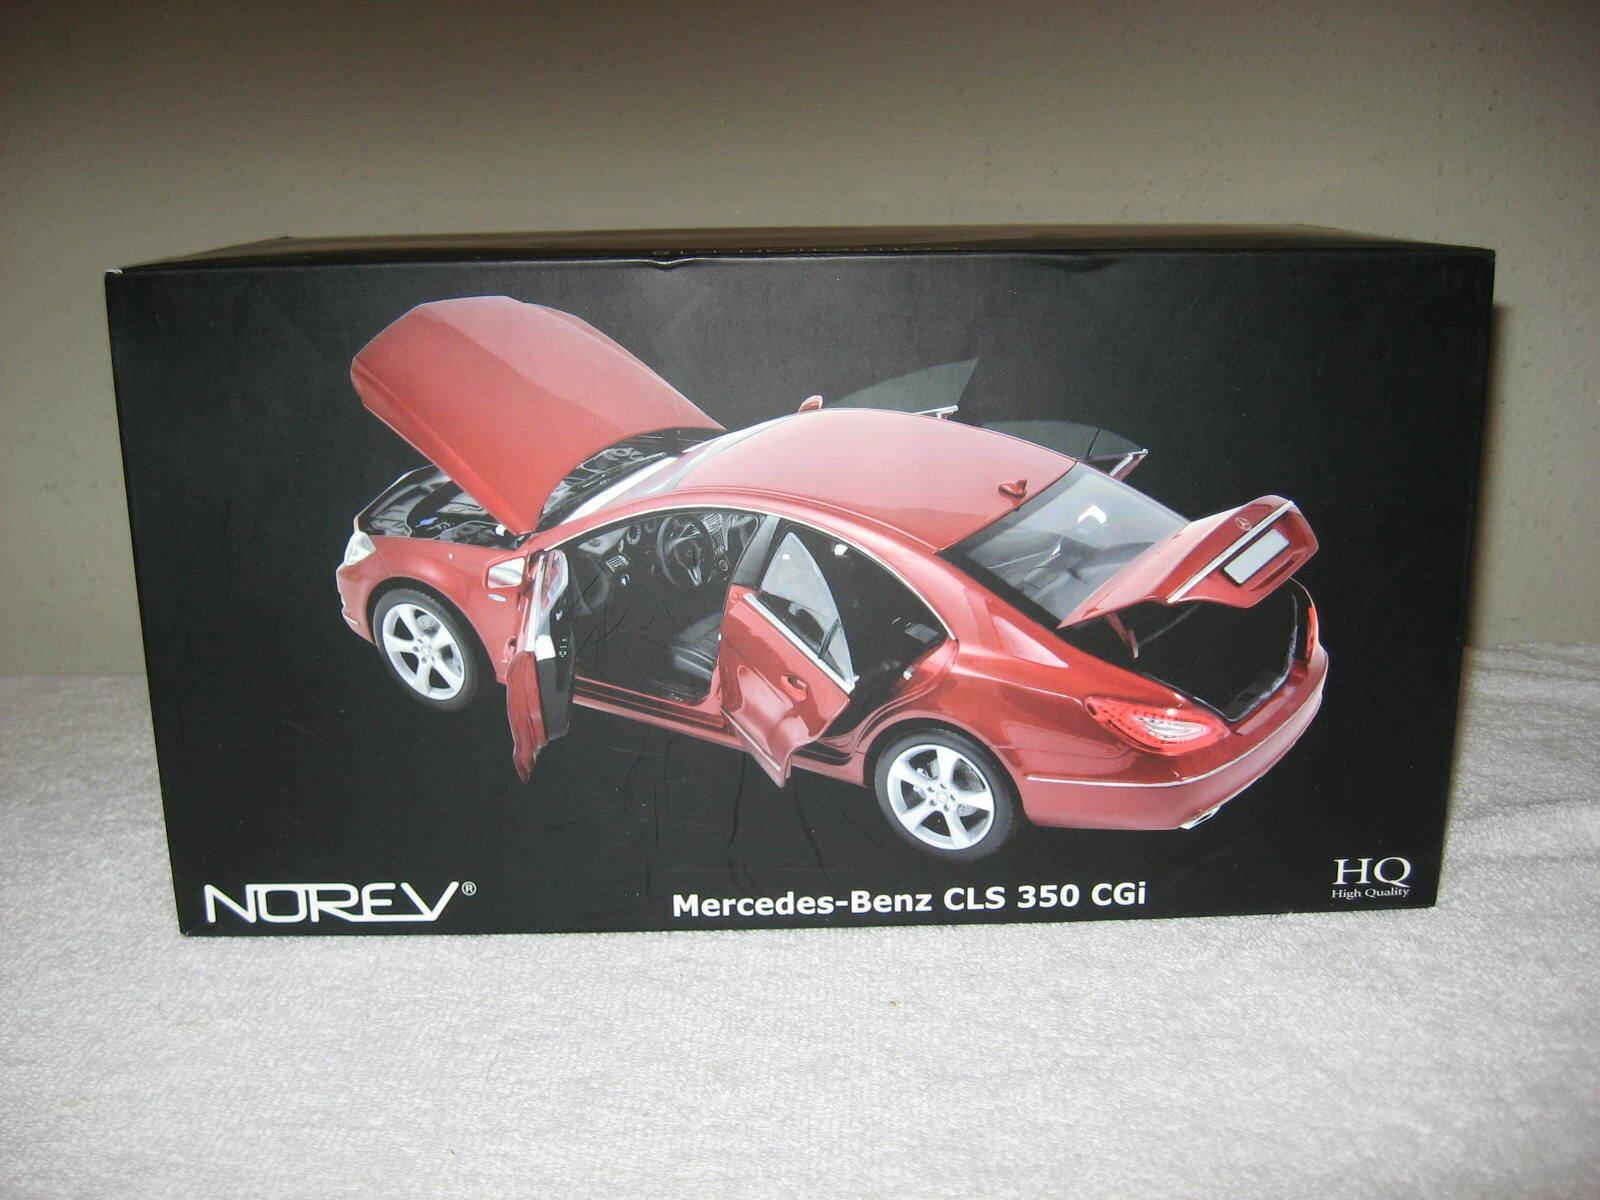 2010 Mercedes-Benz CLS 350 Norev 1 18 apertura capó, puertas y maletero, oficinas centrales, Excelente